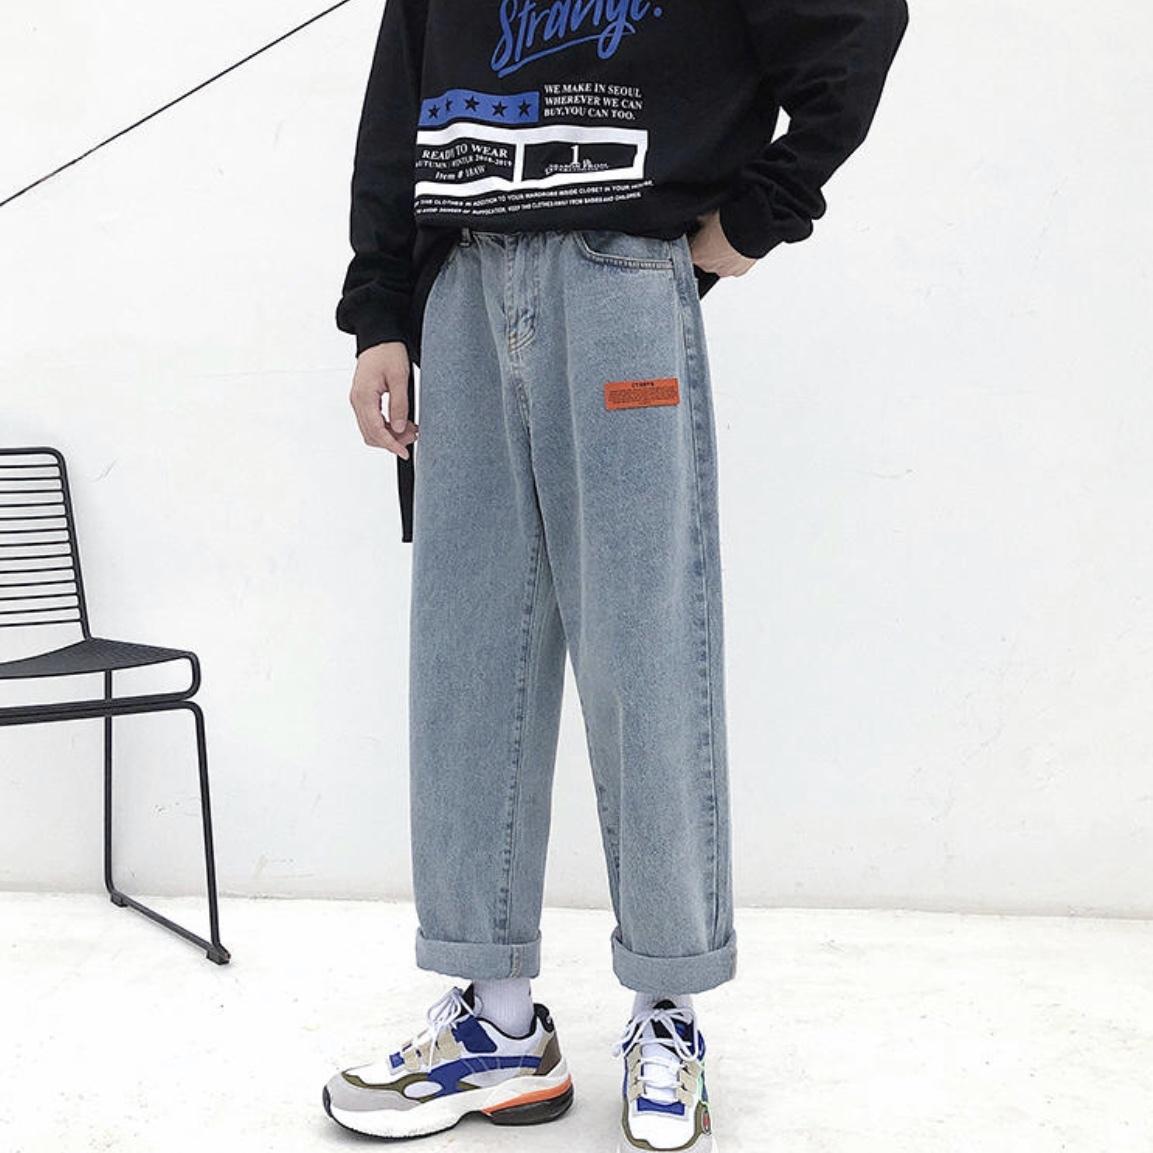 秋服 メンズストレートデニムパンツ ベルト付き ゆる感 韓国風